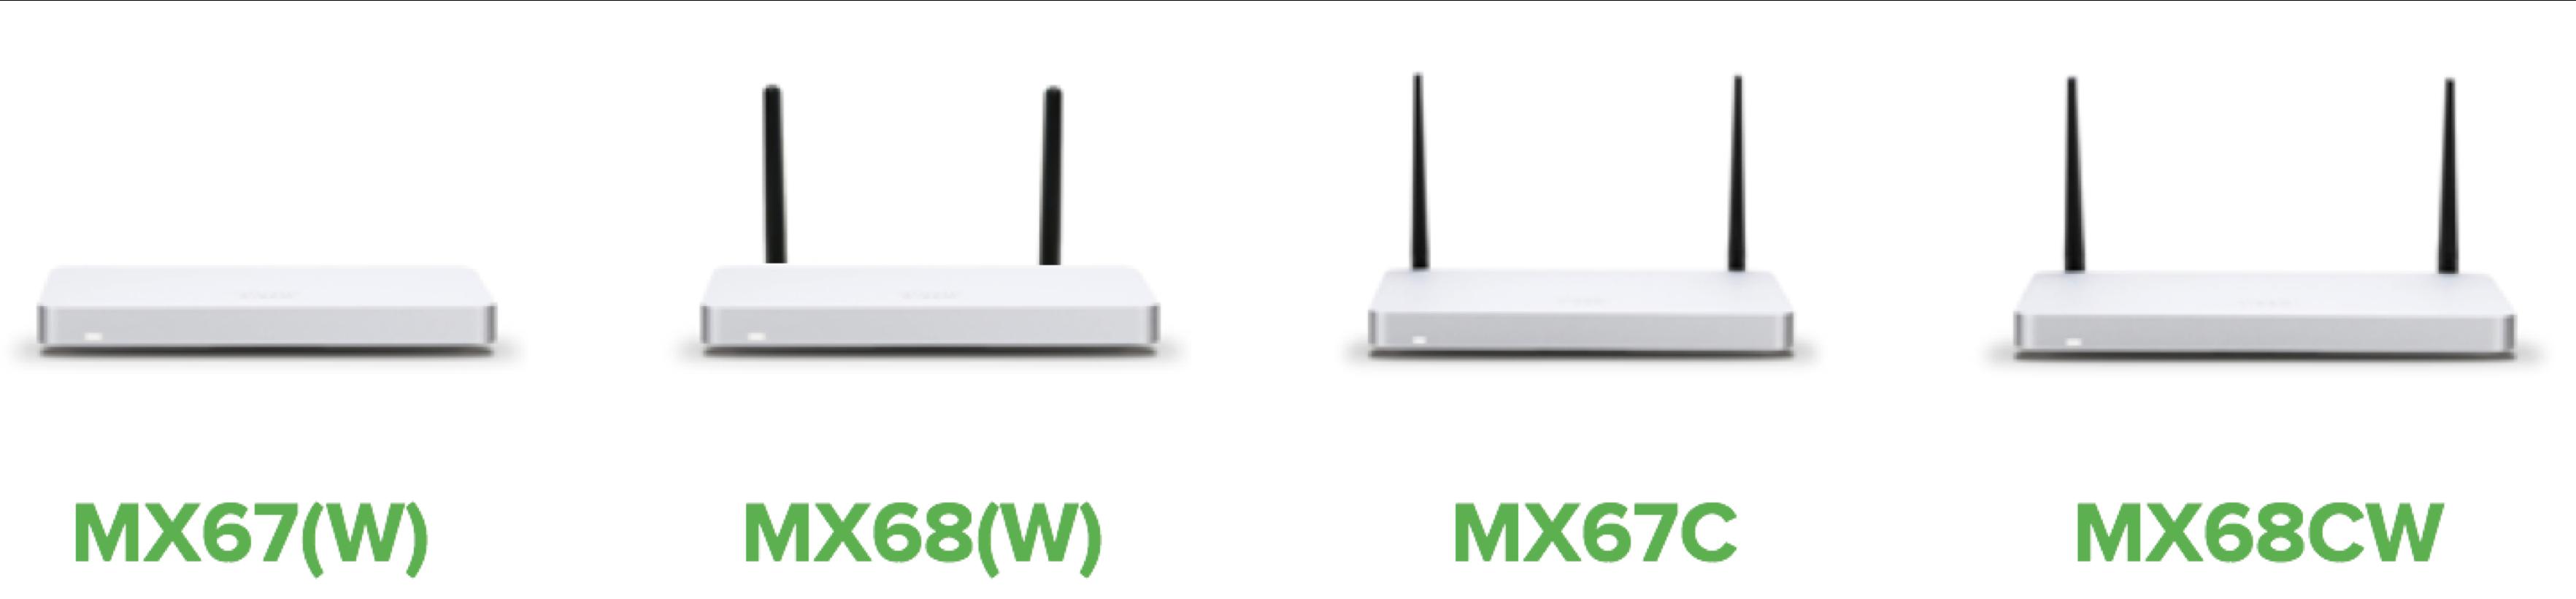 Produk terbaru Cisco Meraki